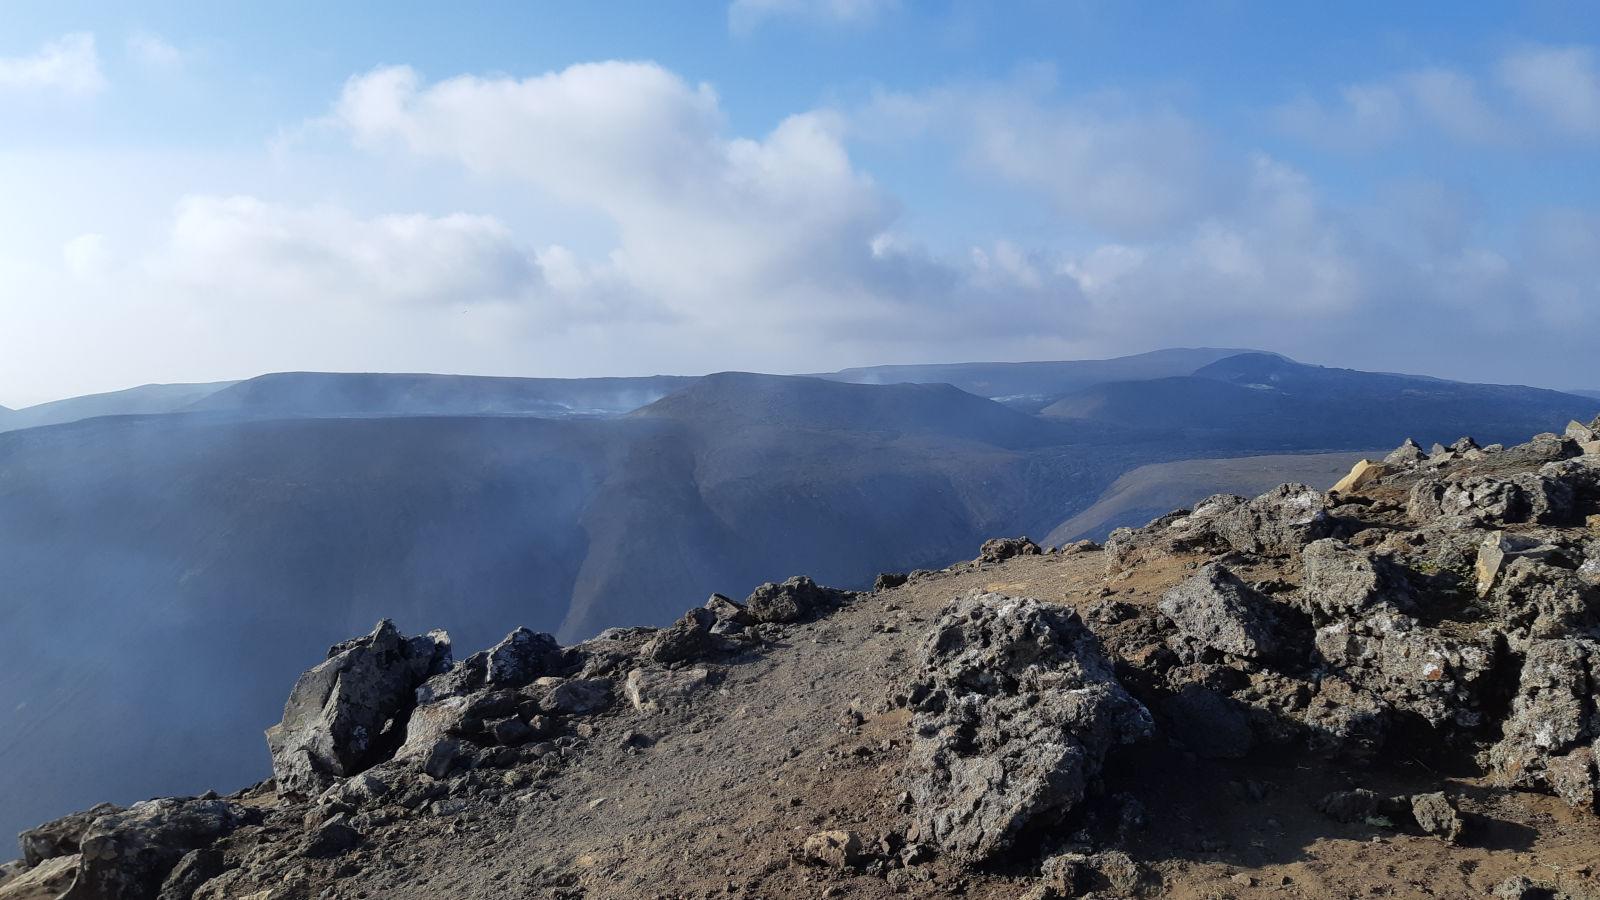 Im Hintergrund dampfend, der Krater des Fagradalsfjall.